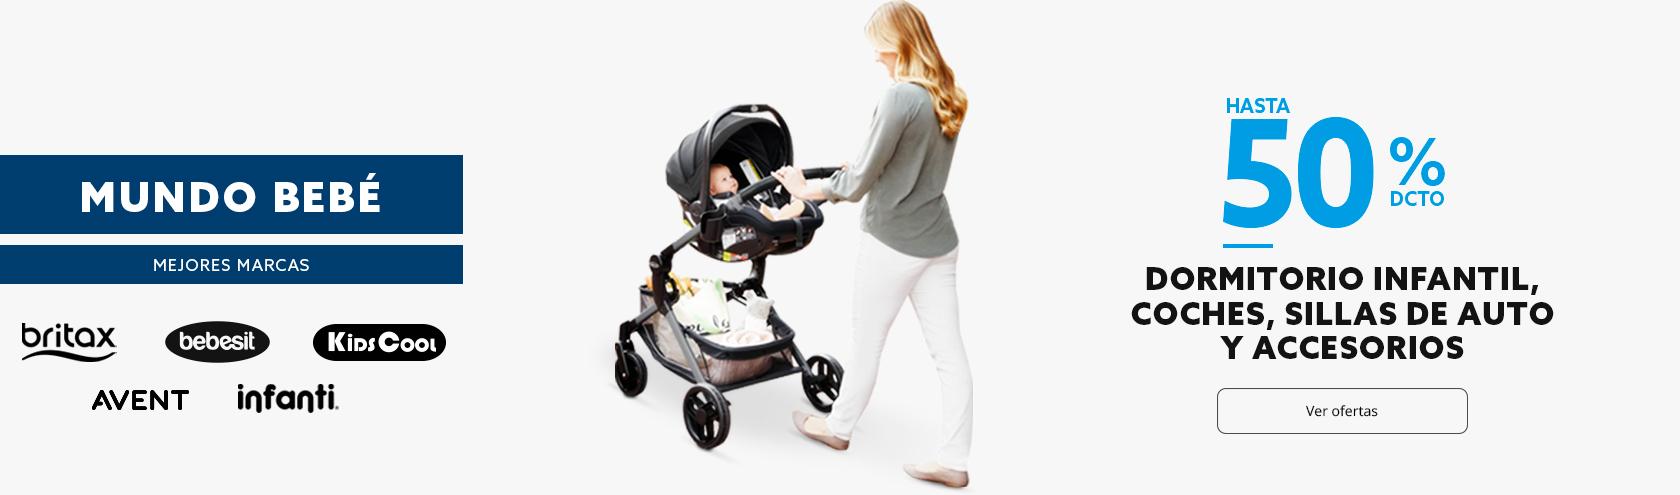 Hasta 50 porciento de descuento en Mundo bebé. Dormitorio, coches, sillas de auto y accesorios